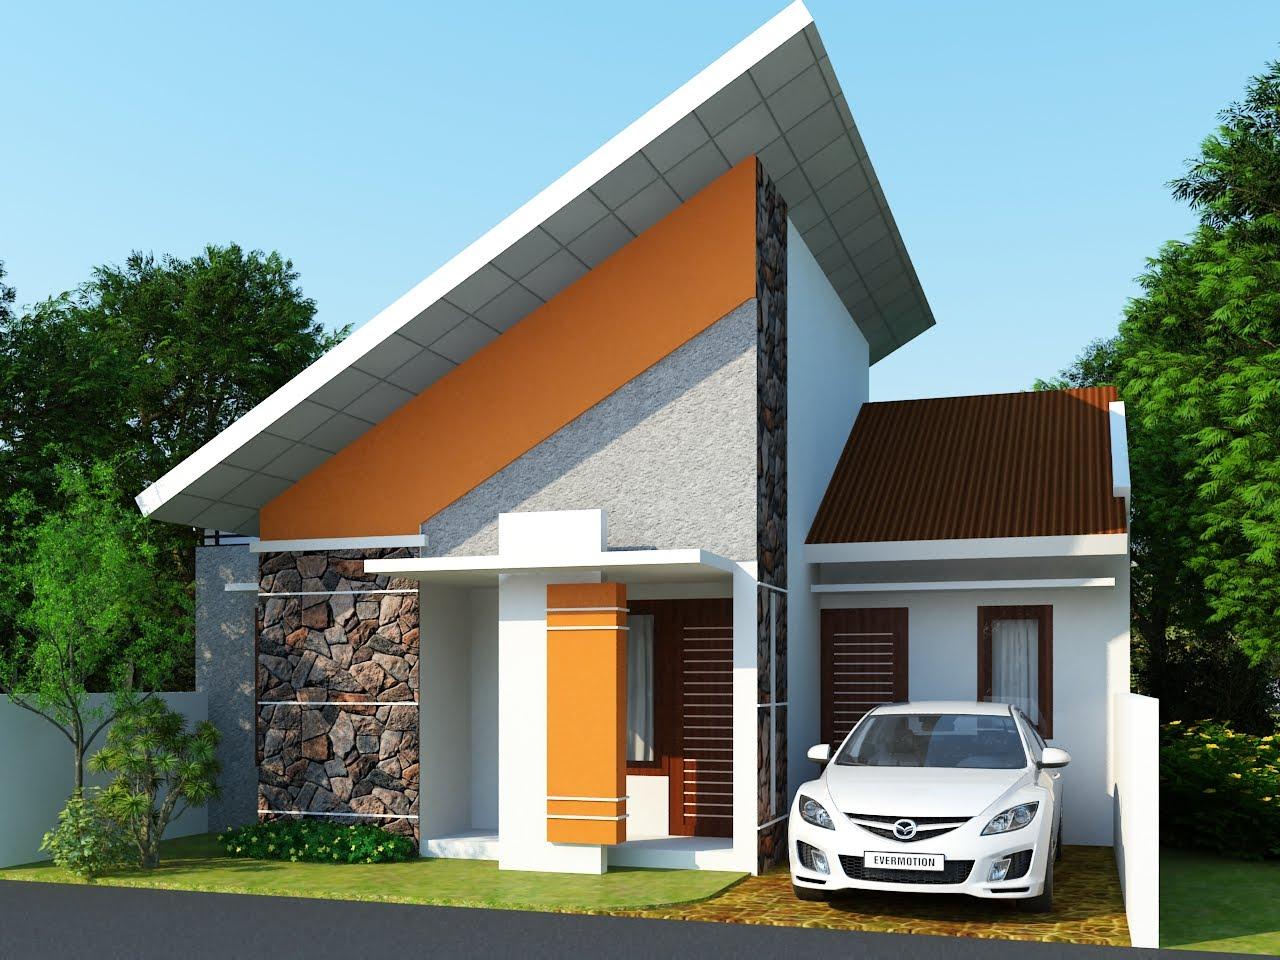 Gambar Rumah Minimalis Satu Lantai NGOPO